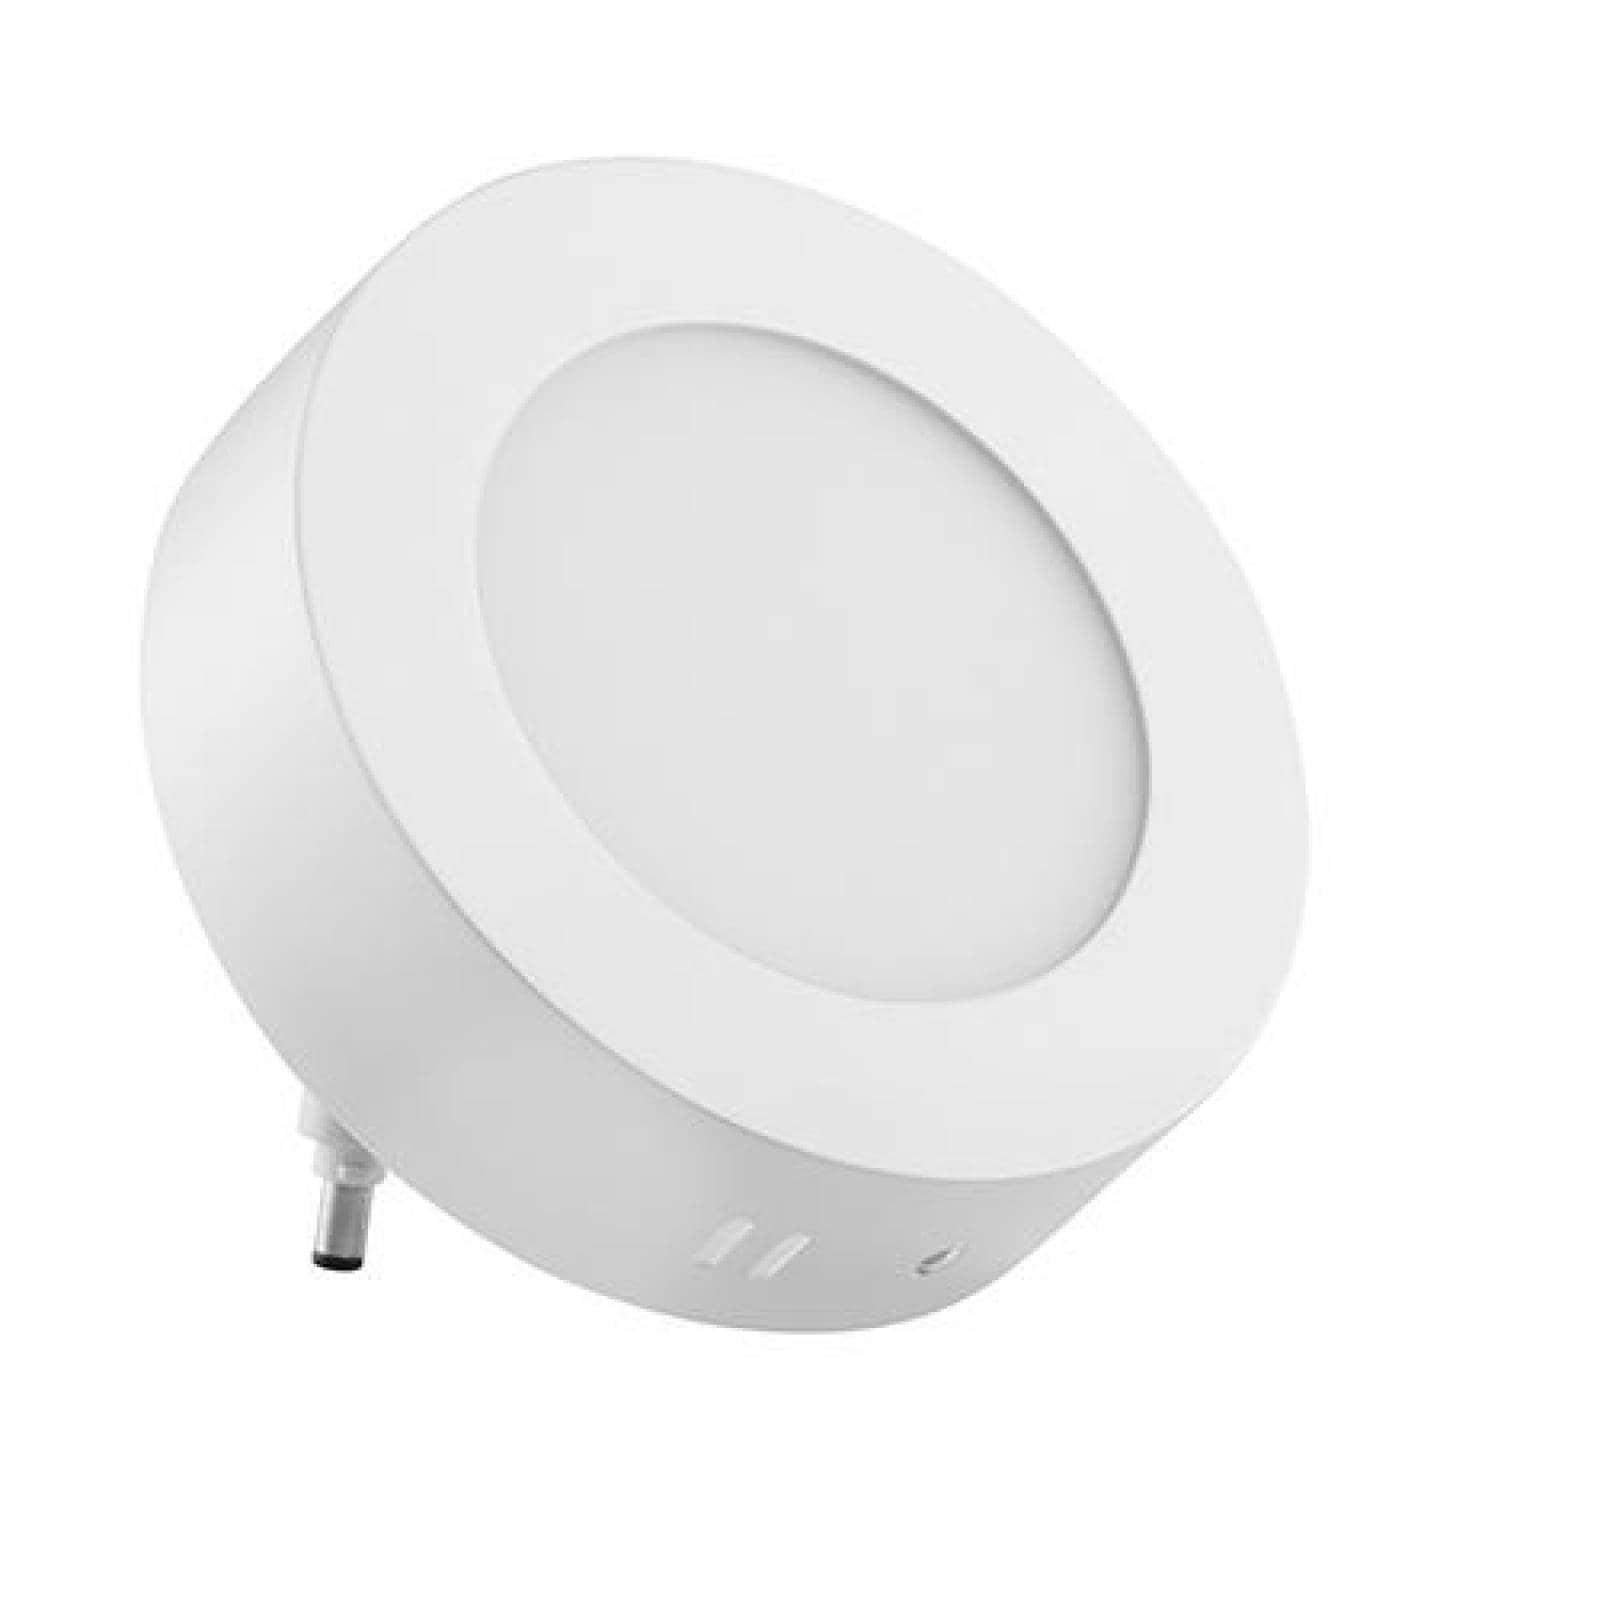 Lámpara LED redonda para sobreponer 12w